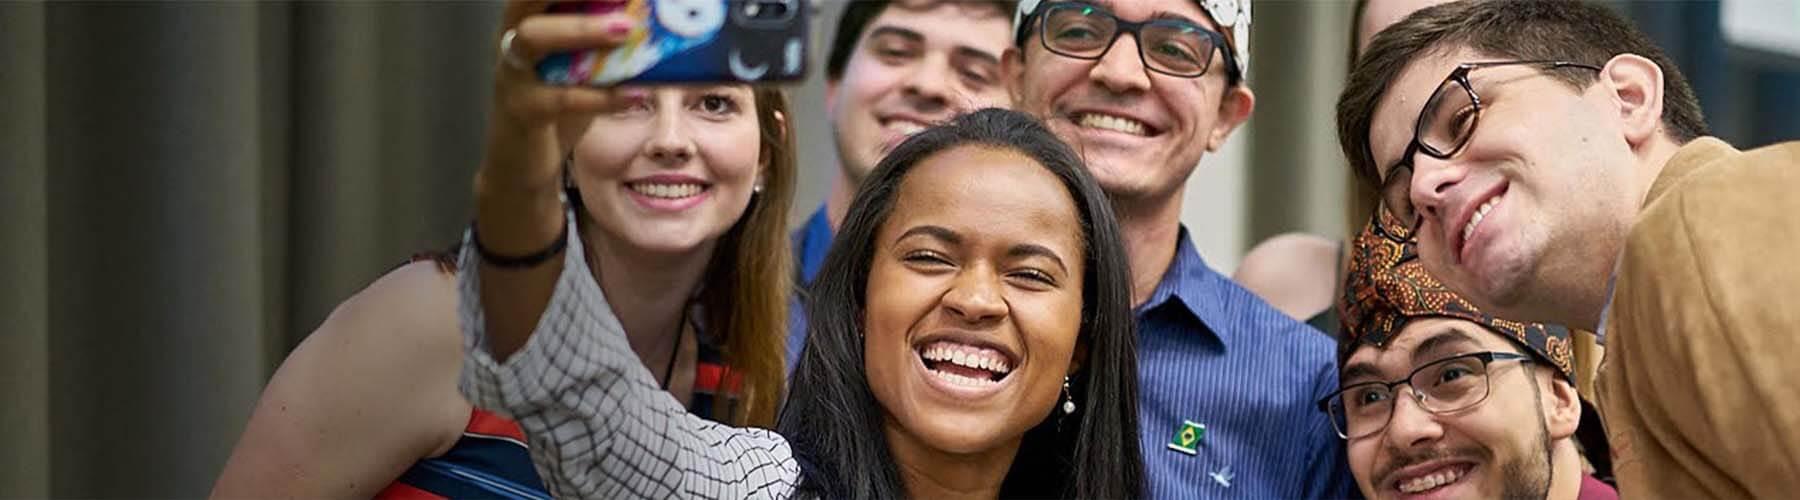 Grupa koleżanek i kolegów stojących razem, uśmiechniętych i pozujących do selfie, które wykonuje młoda czarnoskóra kobieta stojąca w środku grupy.